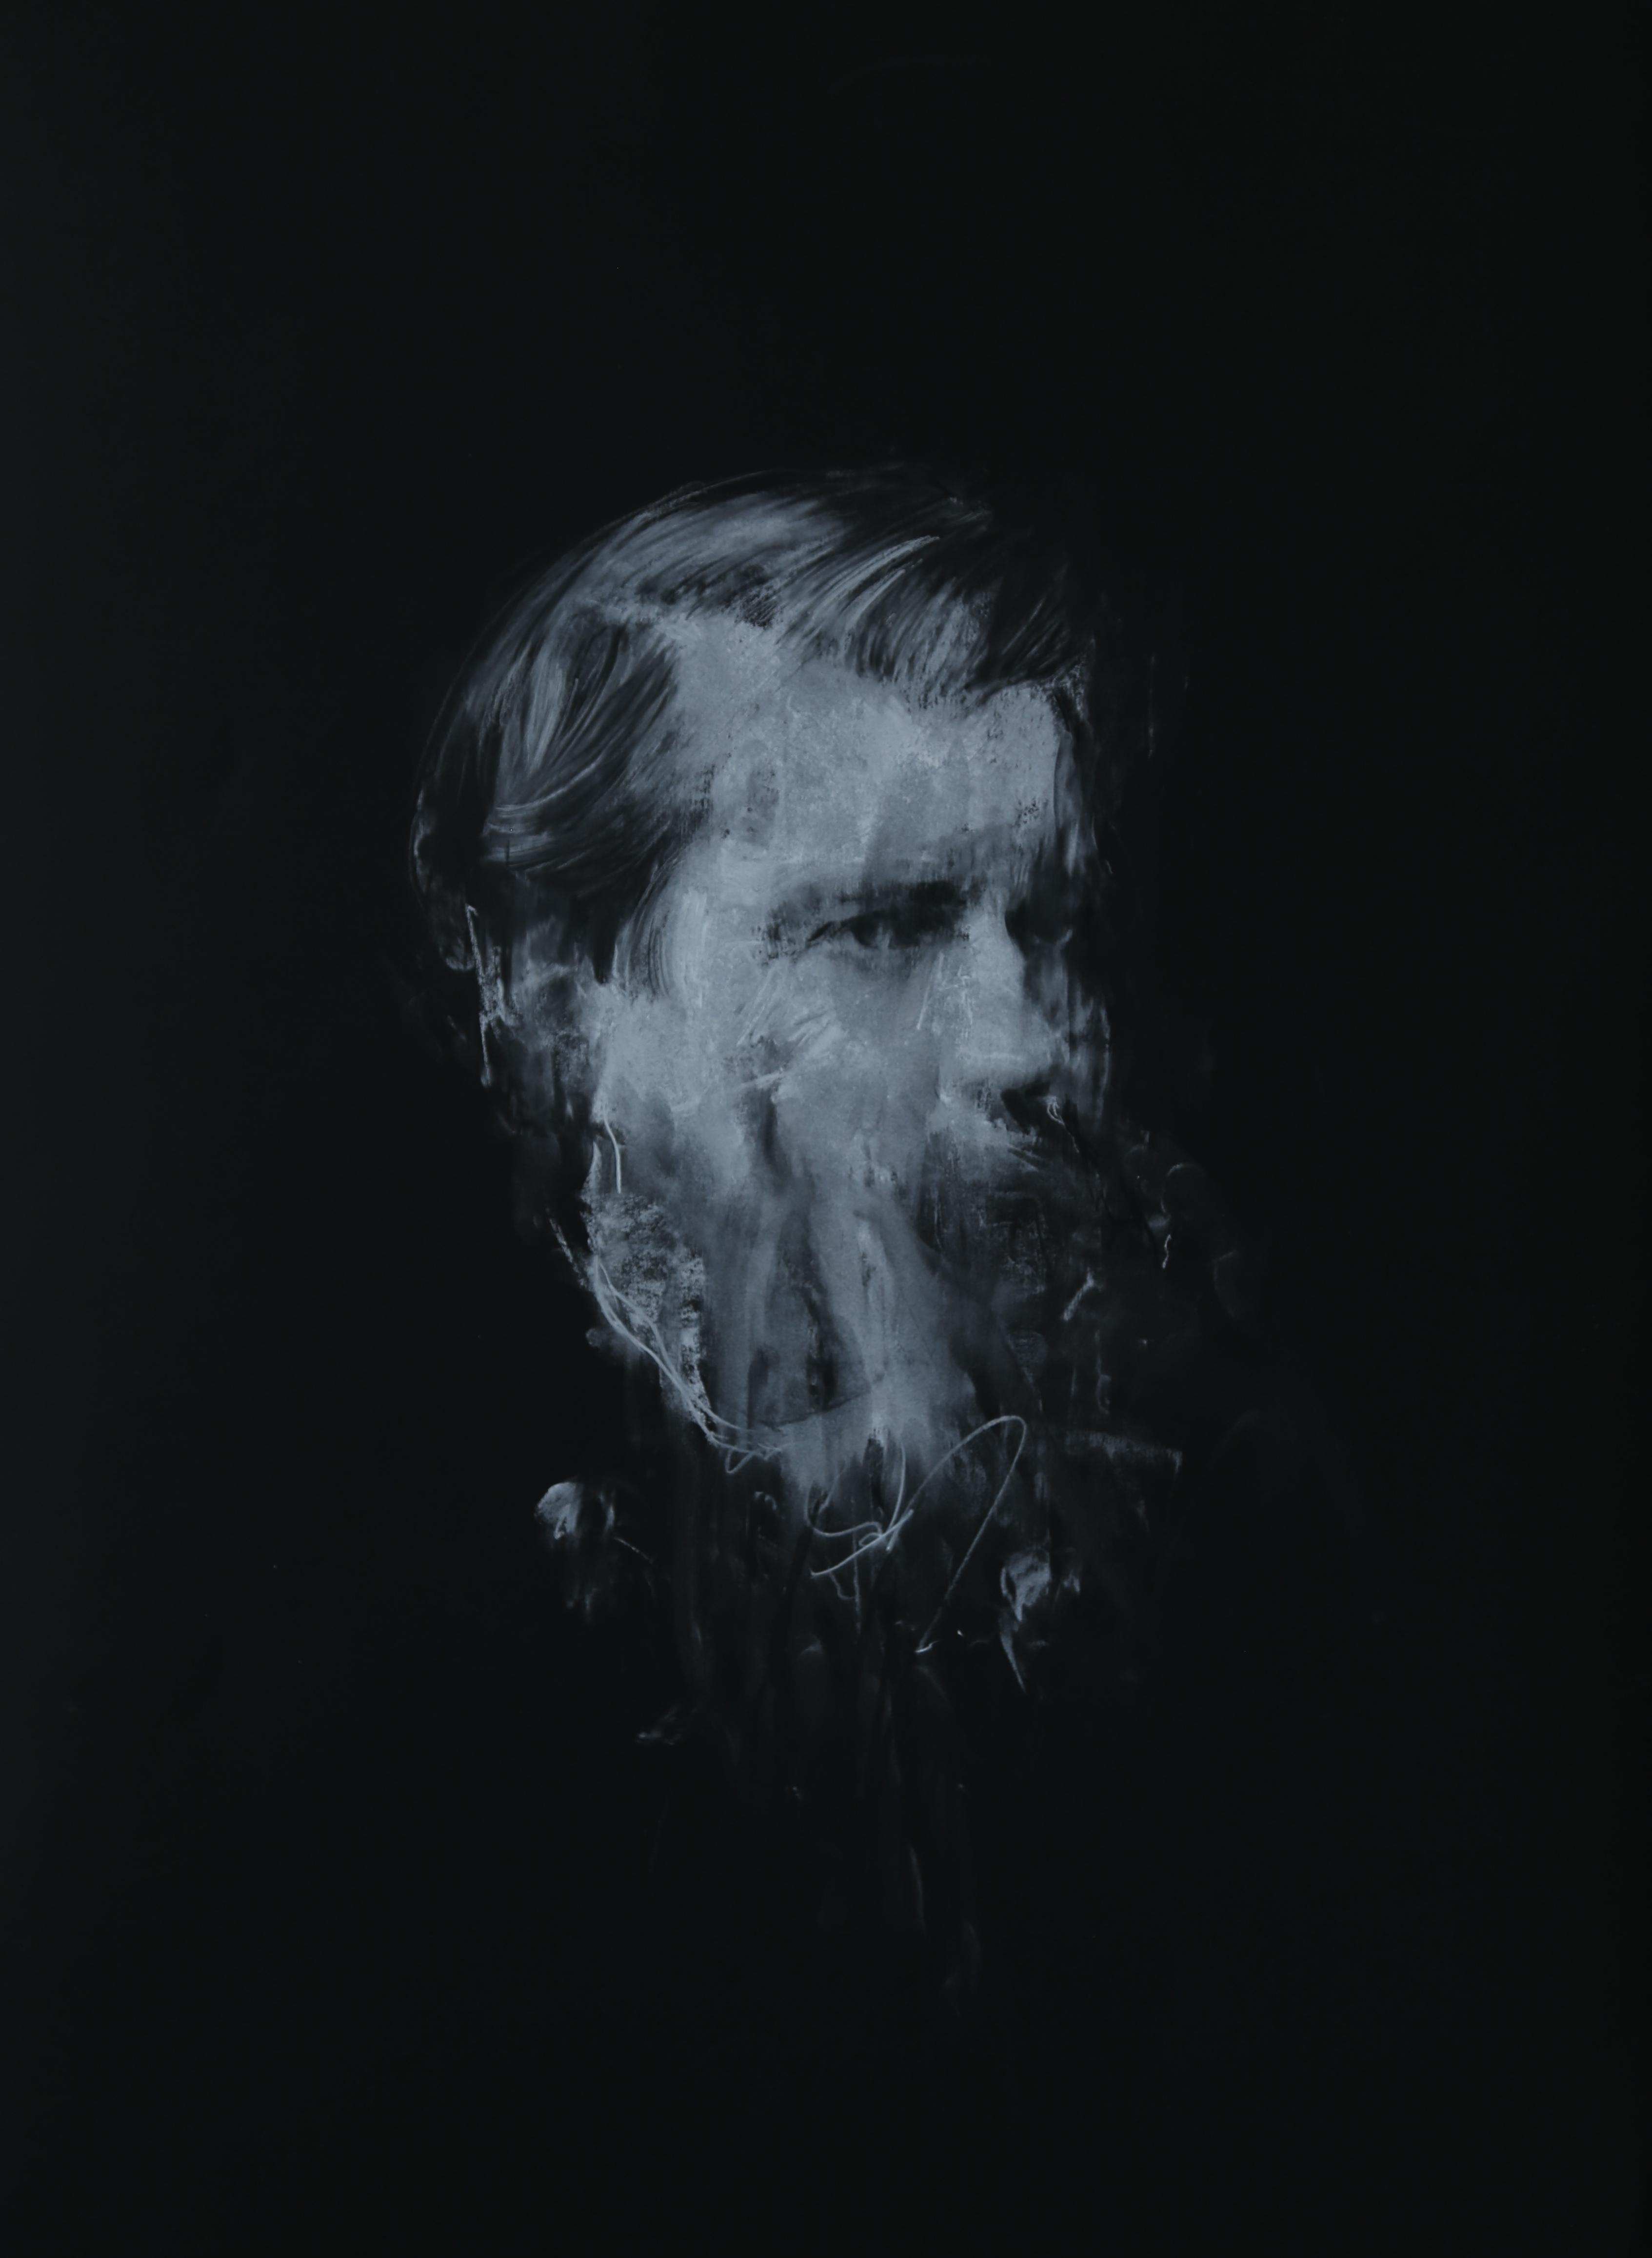 Jake Wood-Evans